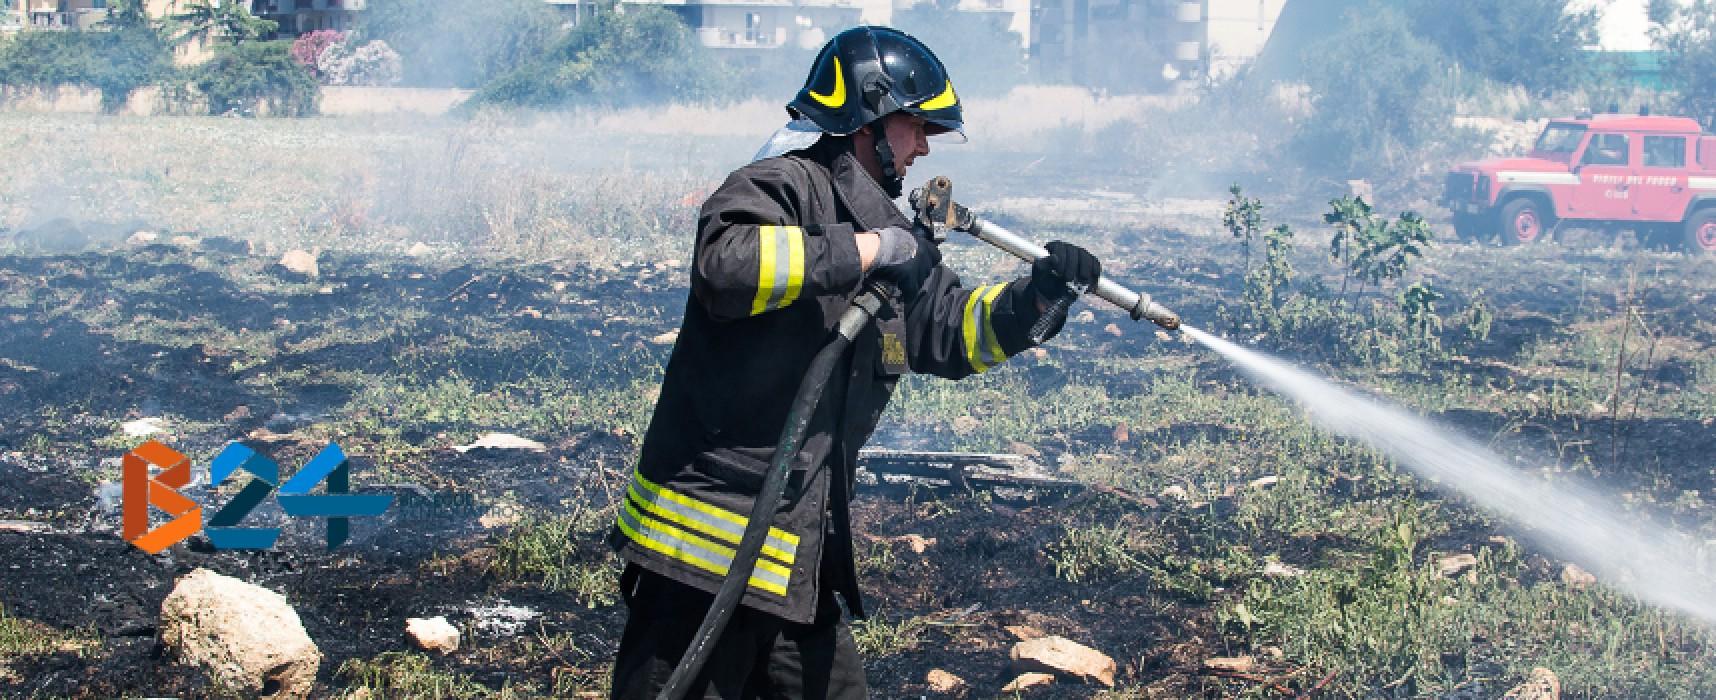 Rischio incendi, ordinanza sindacale un mese dopo l'avvio dello stato di grave pericolosità